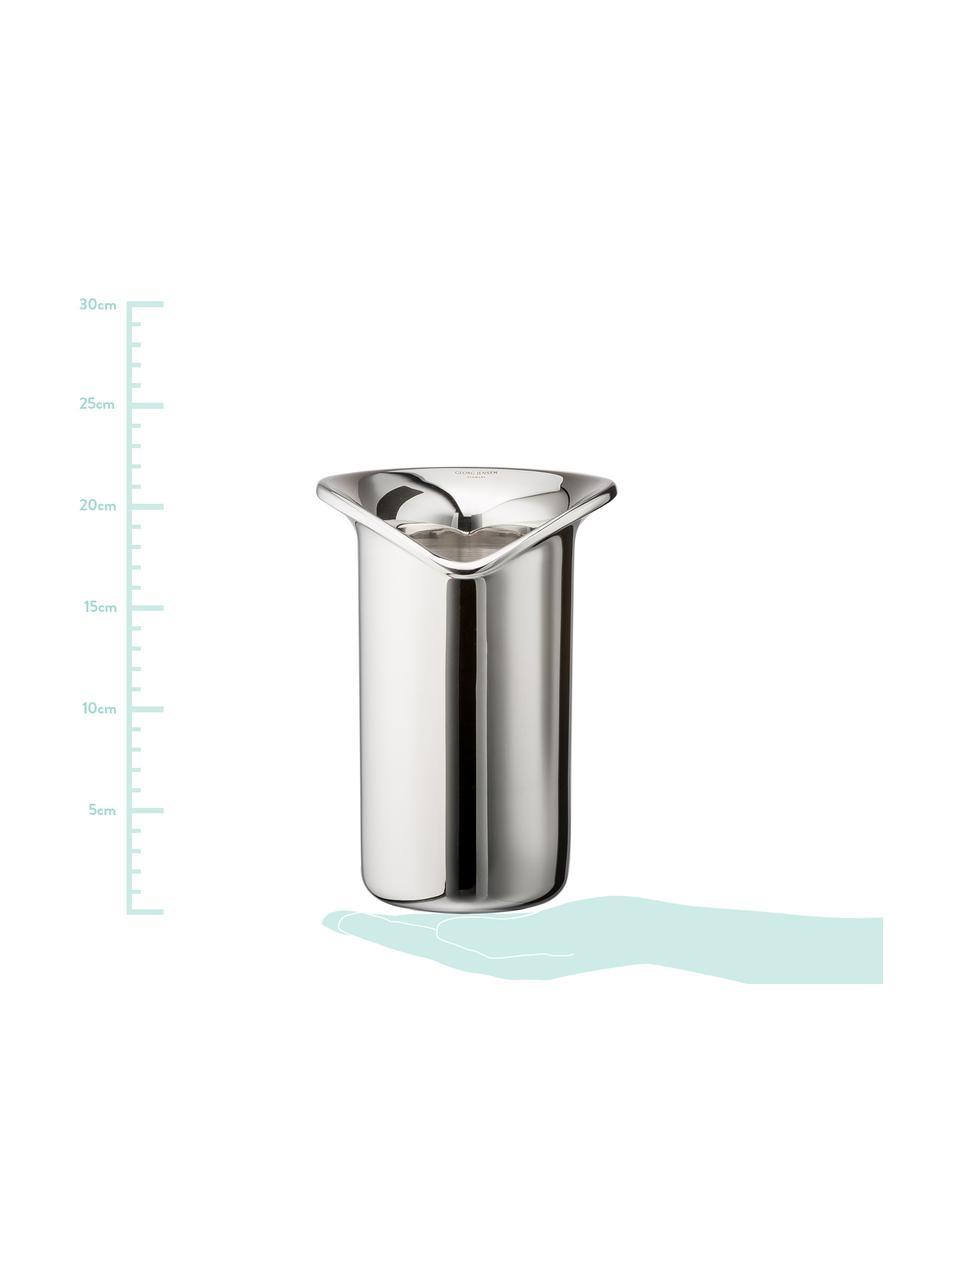 Refrigeratore bottiglie in acciaio inossidabile Wine & Bar, Acciaio inossidabile lucidato a specchio, Acciaio inossidabile lucido, Larg. 16 x Alt. 22 cm